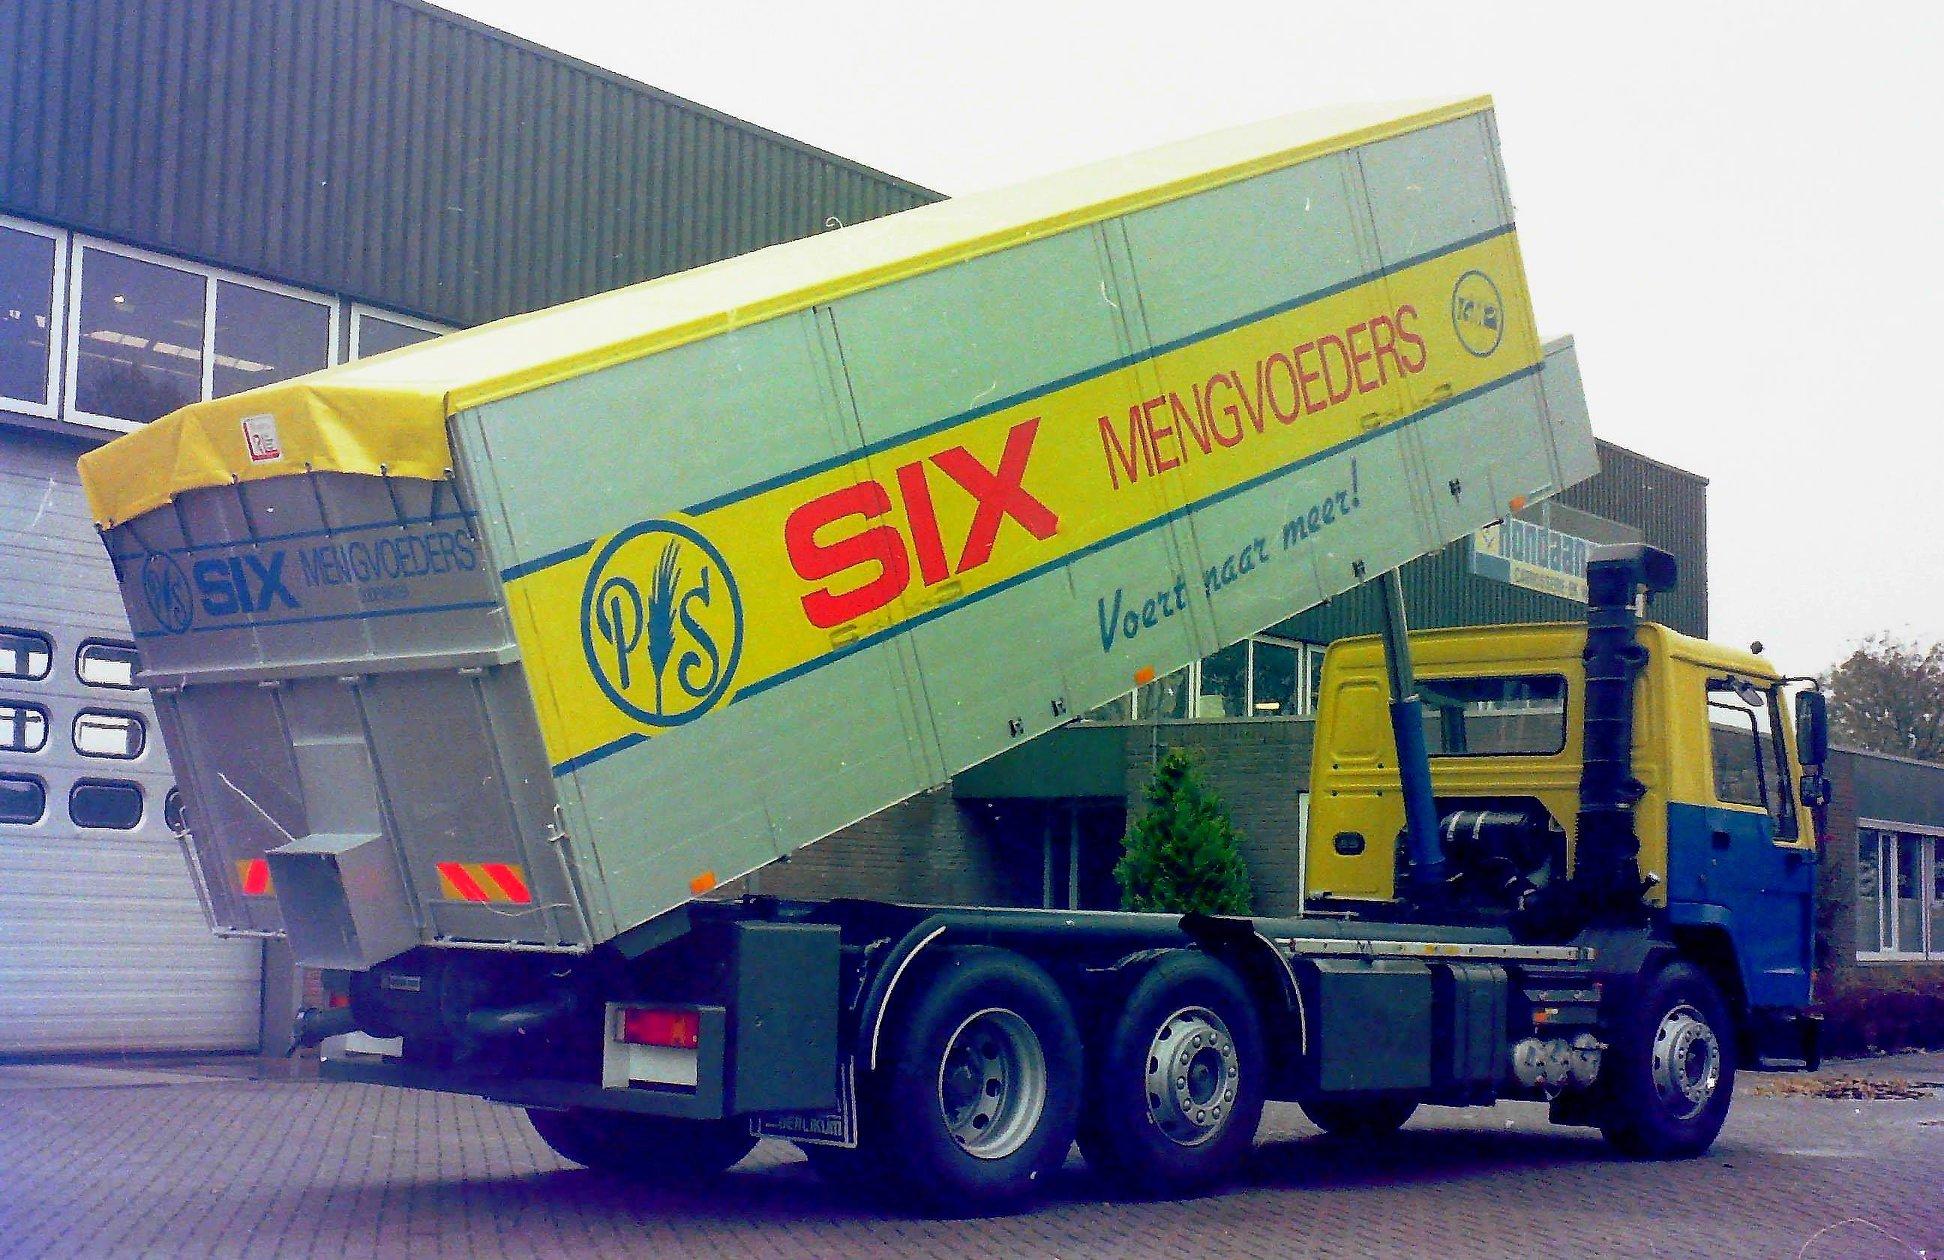 Deze-bulkauto-is-door-Rondaan-opgebouwd-voor-SIX-mengvoeders-2